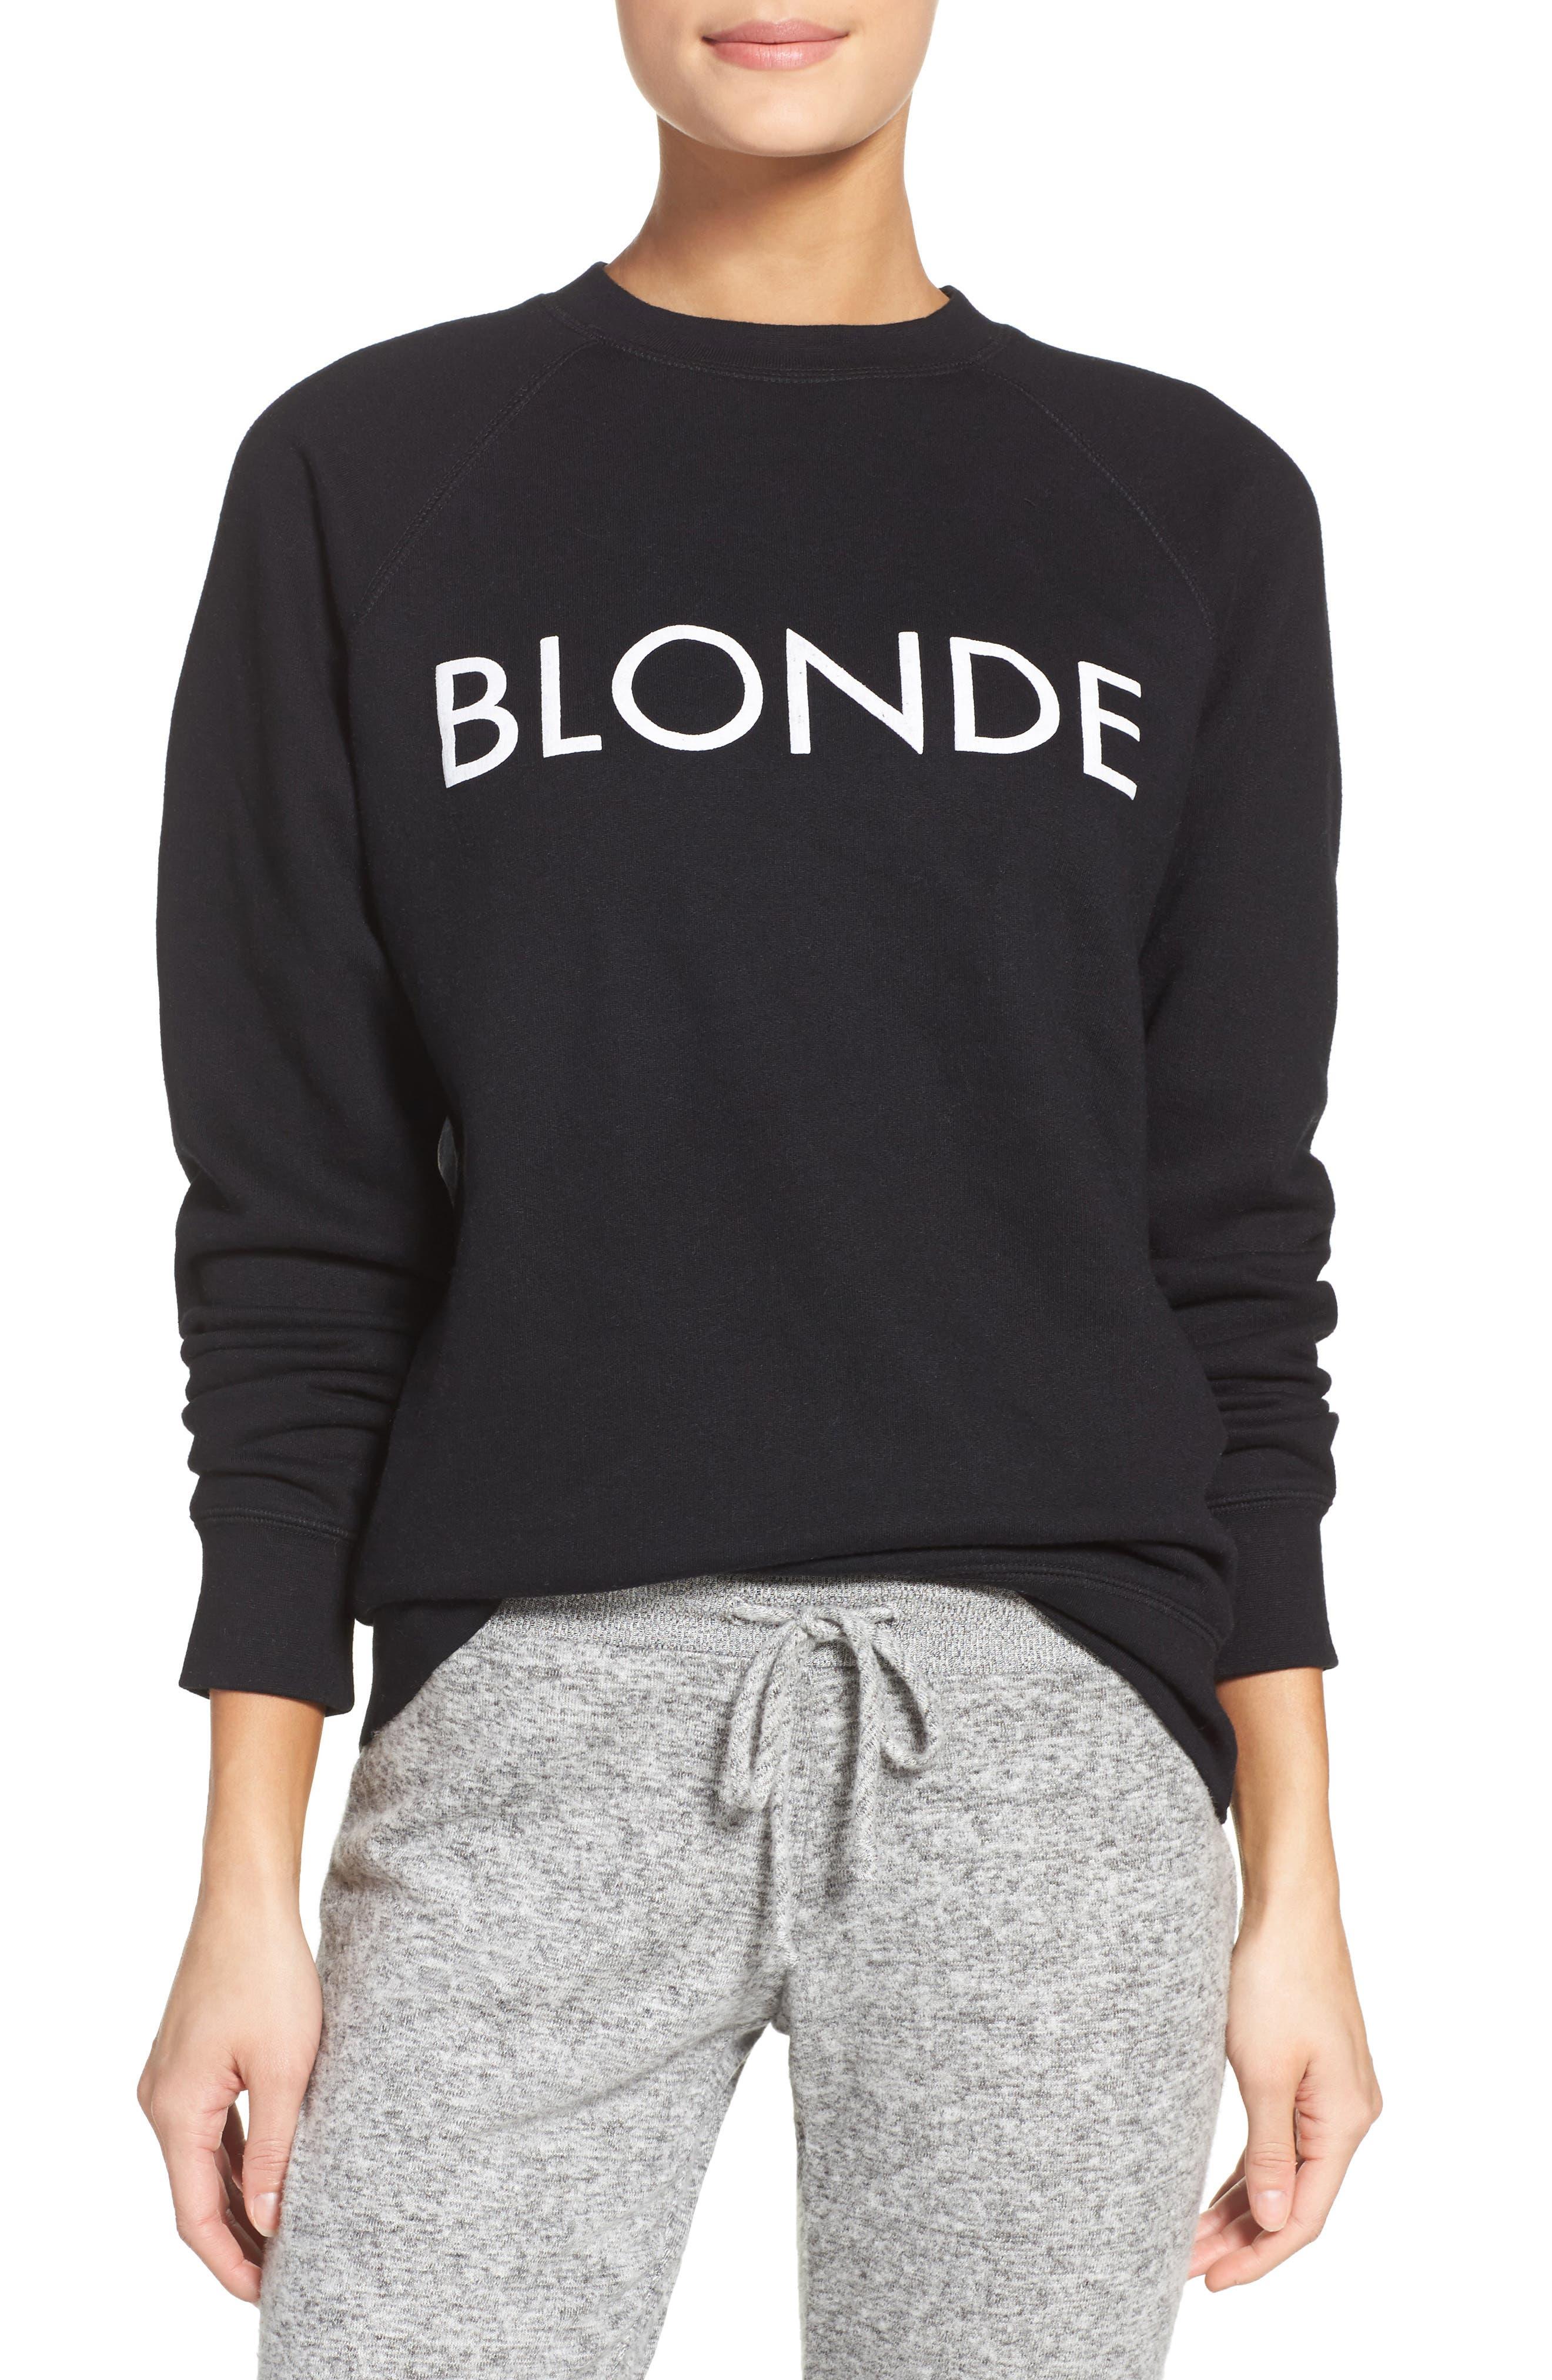 Blonde Crewneck Sweatshirt,                         Main,                         color, Black